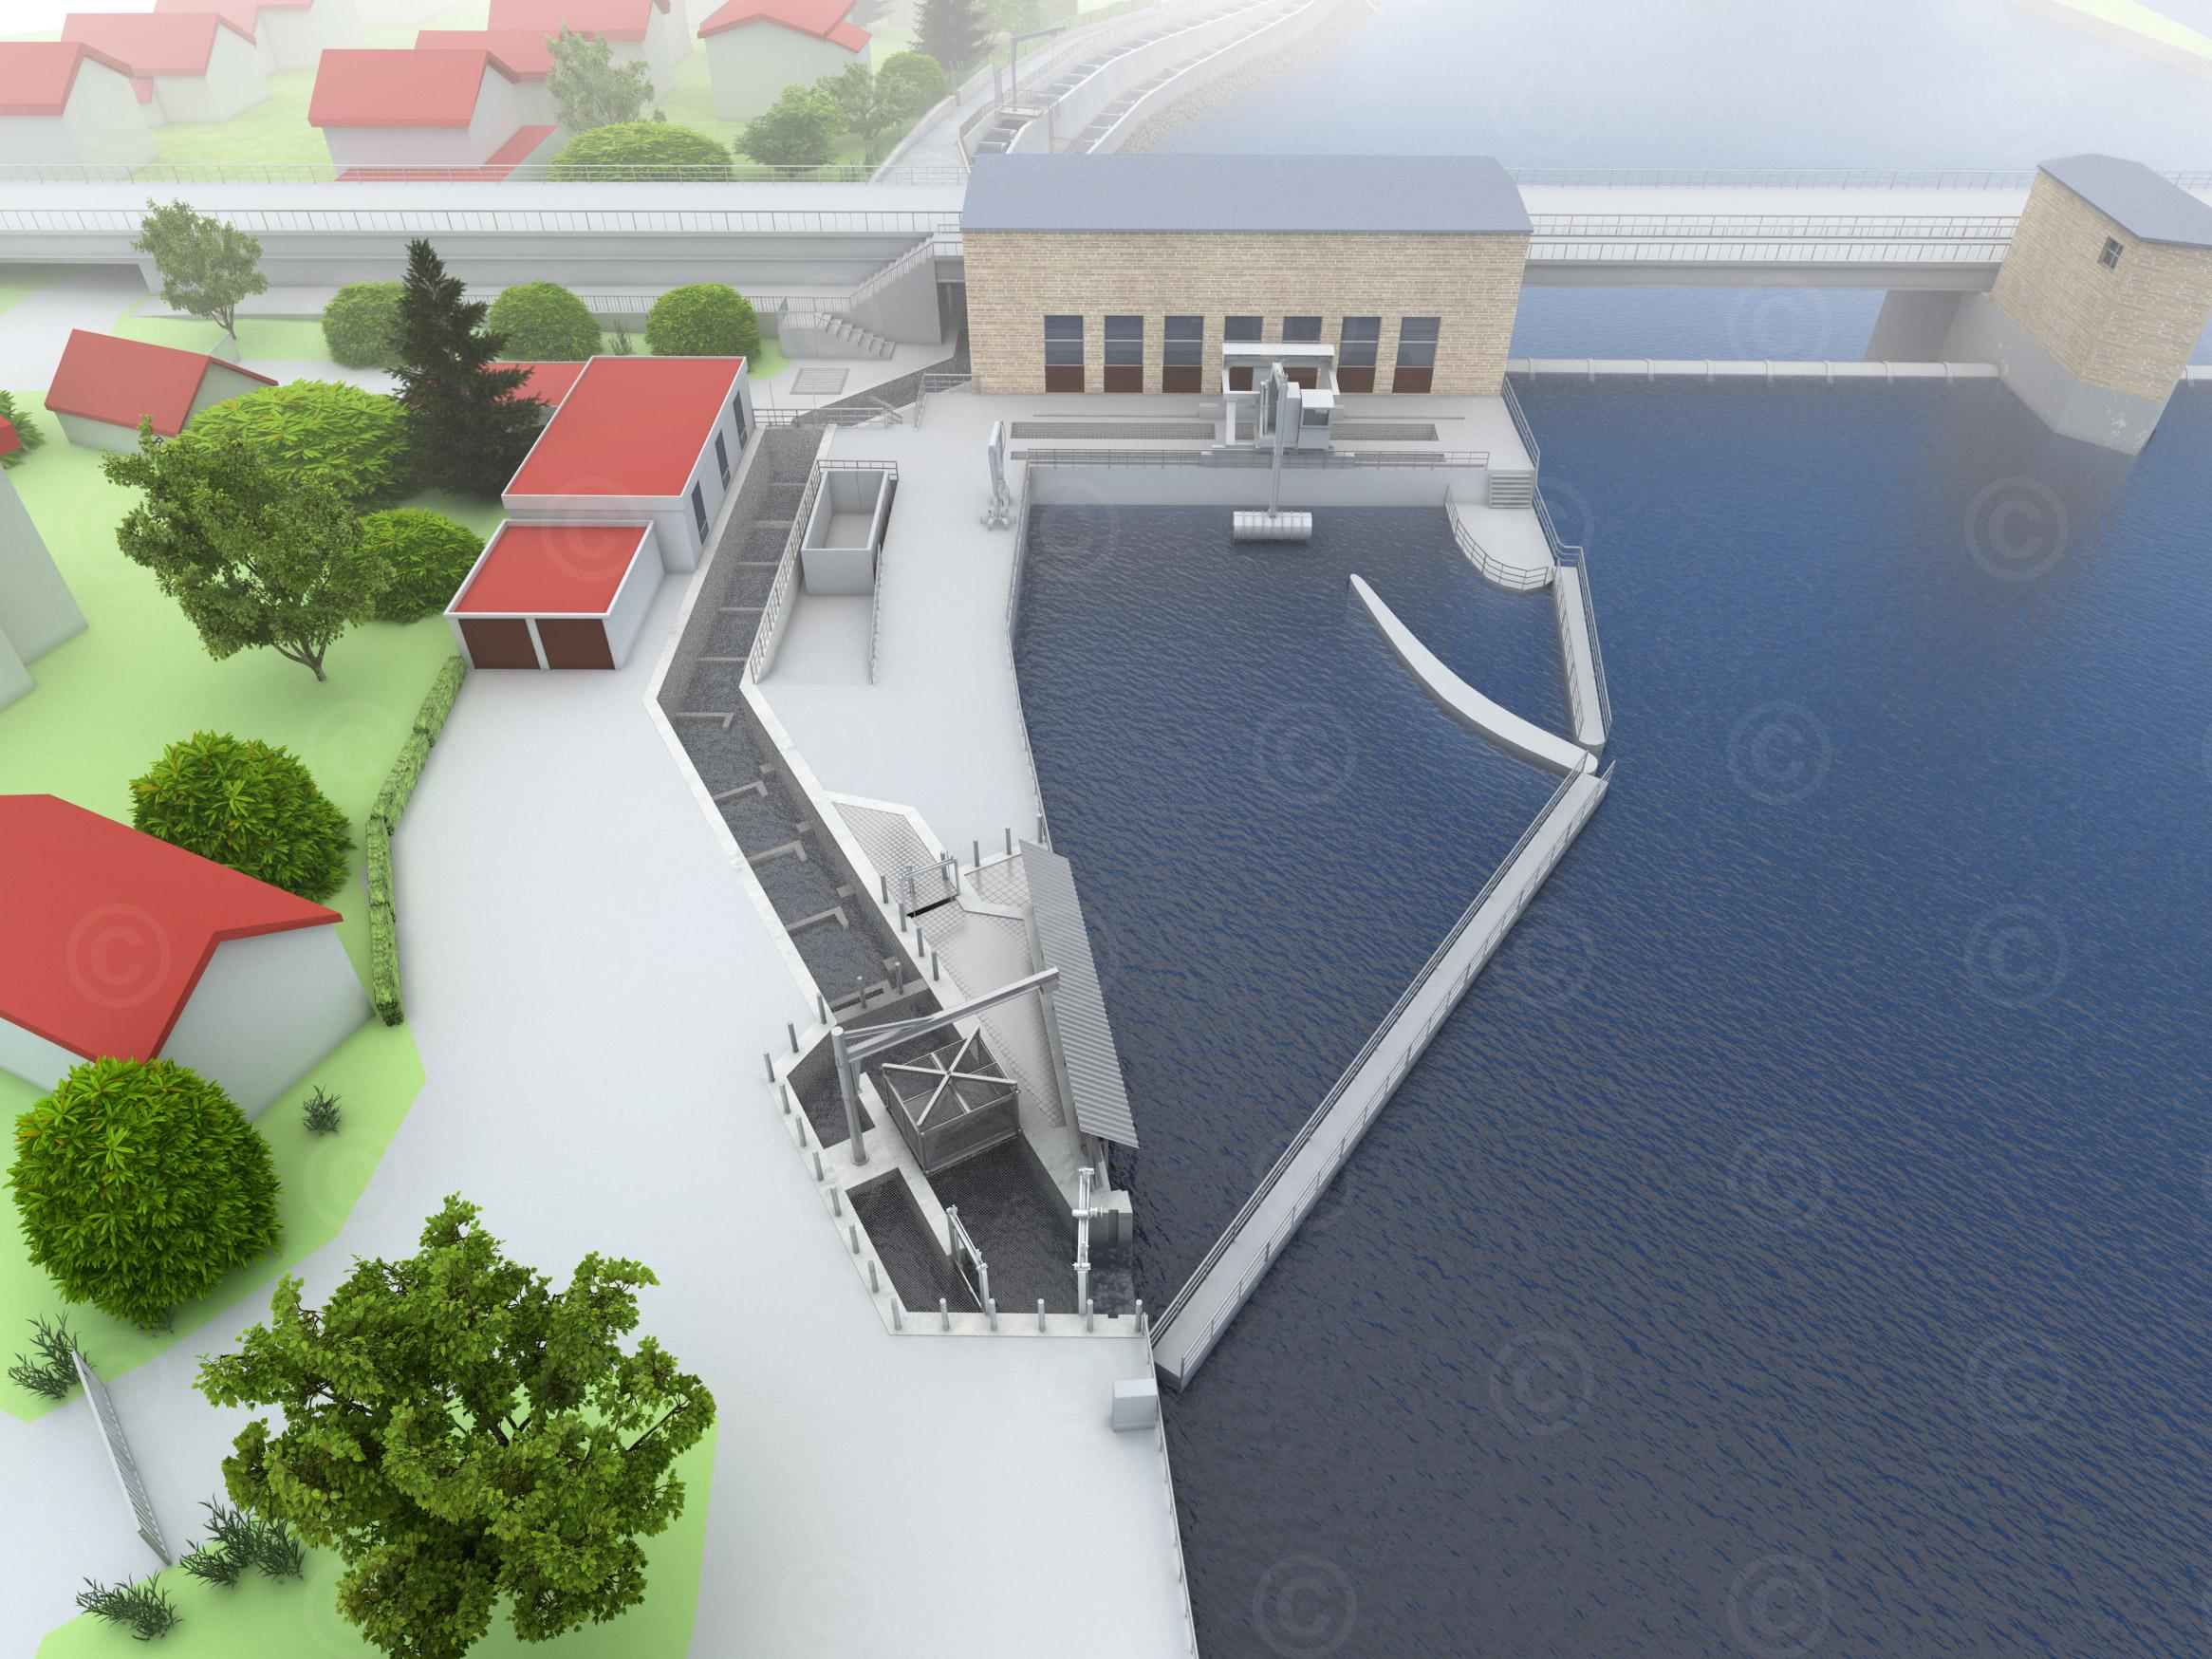 3d visualisierung lauffen oberwasser